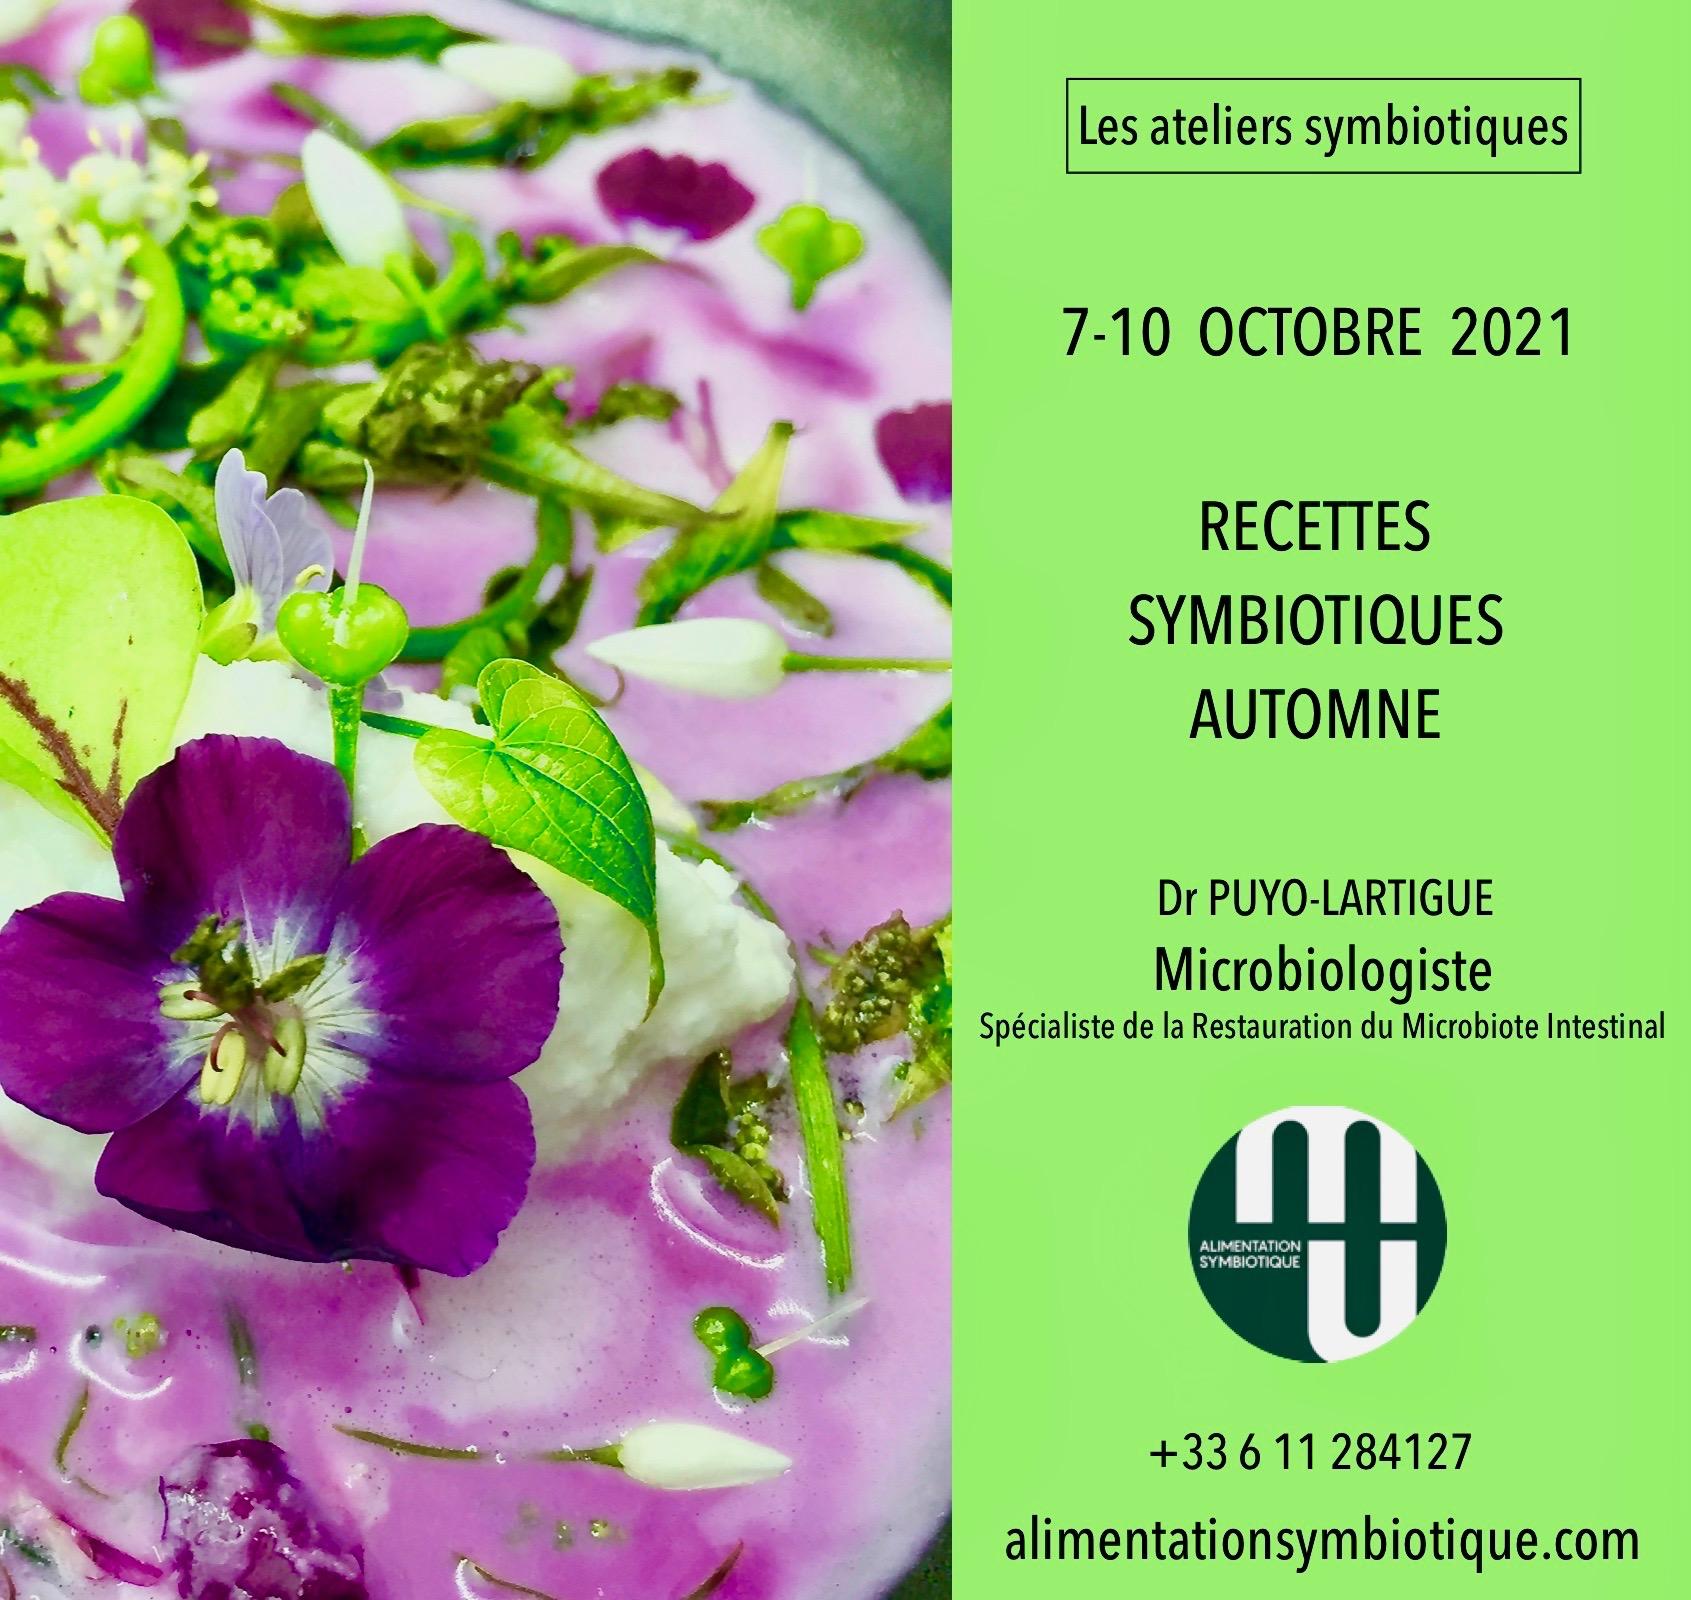 Affiche recettes symbiotiques octobre 2021 2